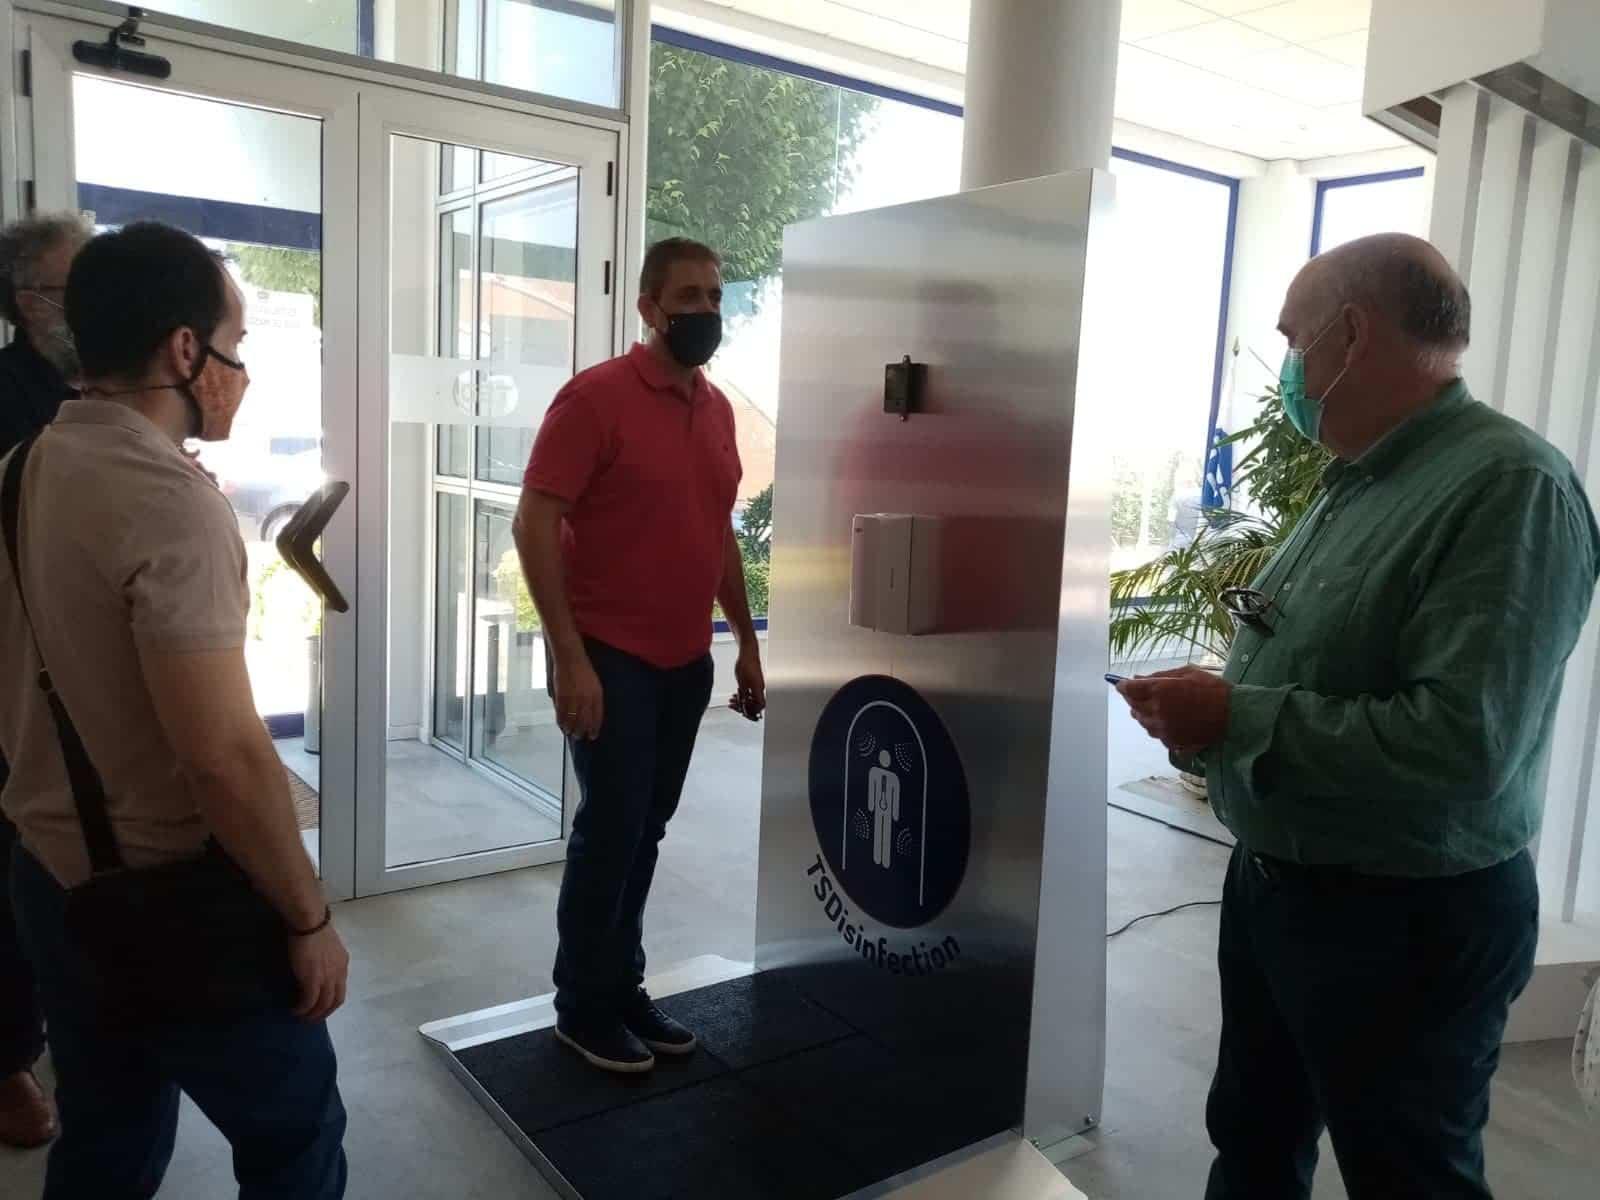 tsd herencia visita alcalde 4 - Visita de Alcalde a las instalaciones de TSD Technology & Security Developments